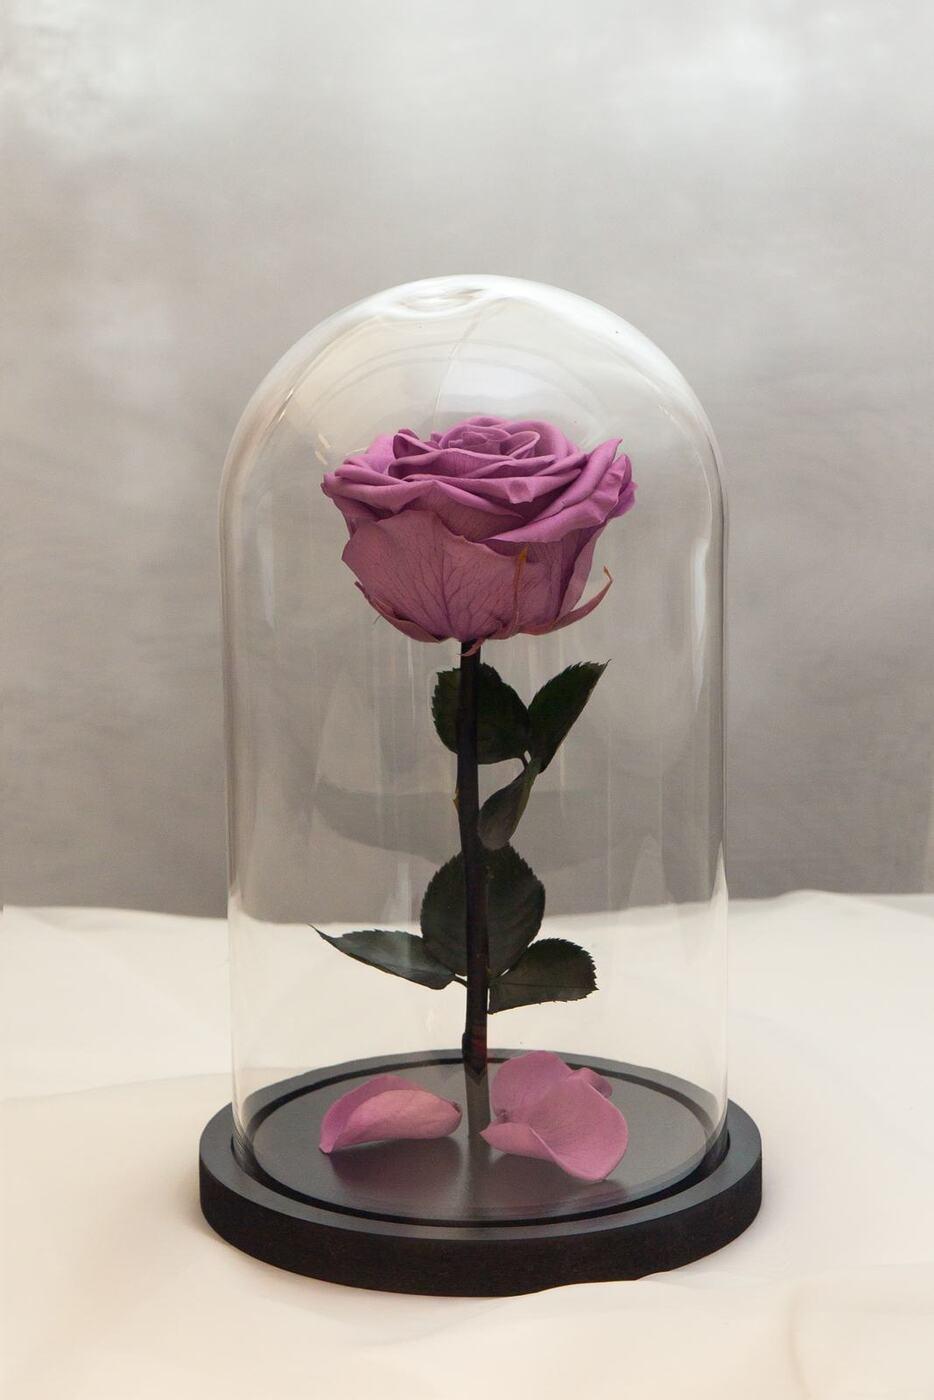 стабилизированные цветы в стекле rozarose роза, 27 см, 1300 гр, 1 шт